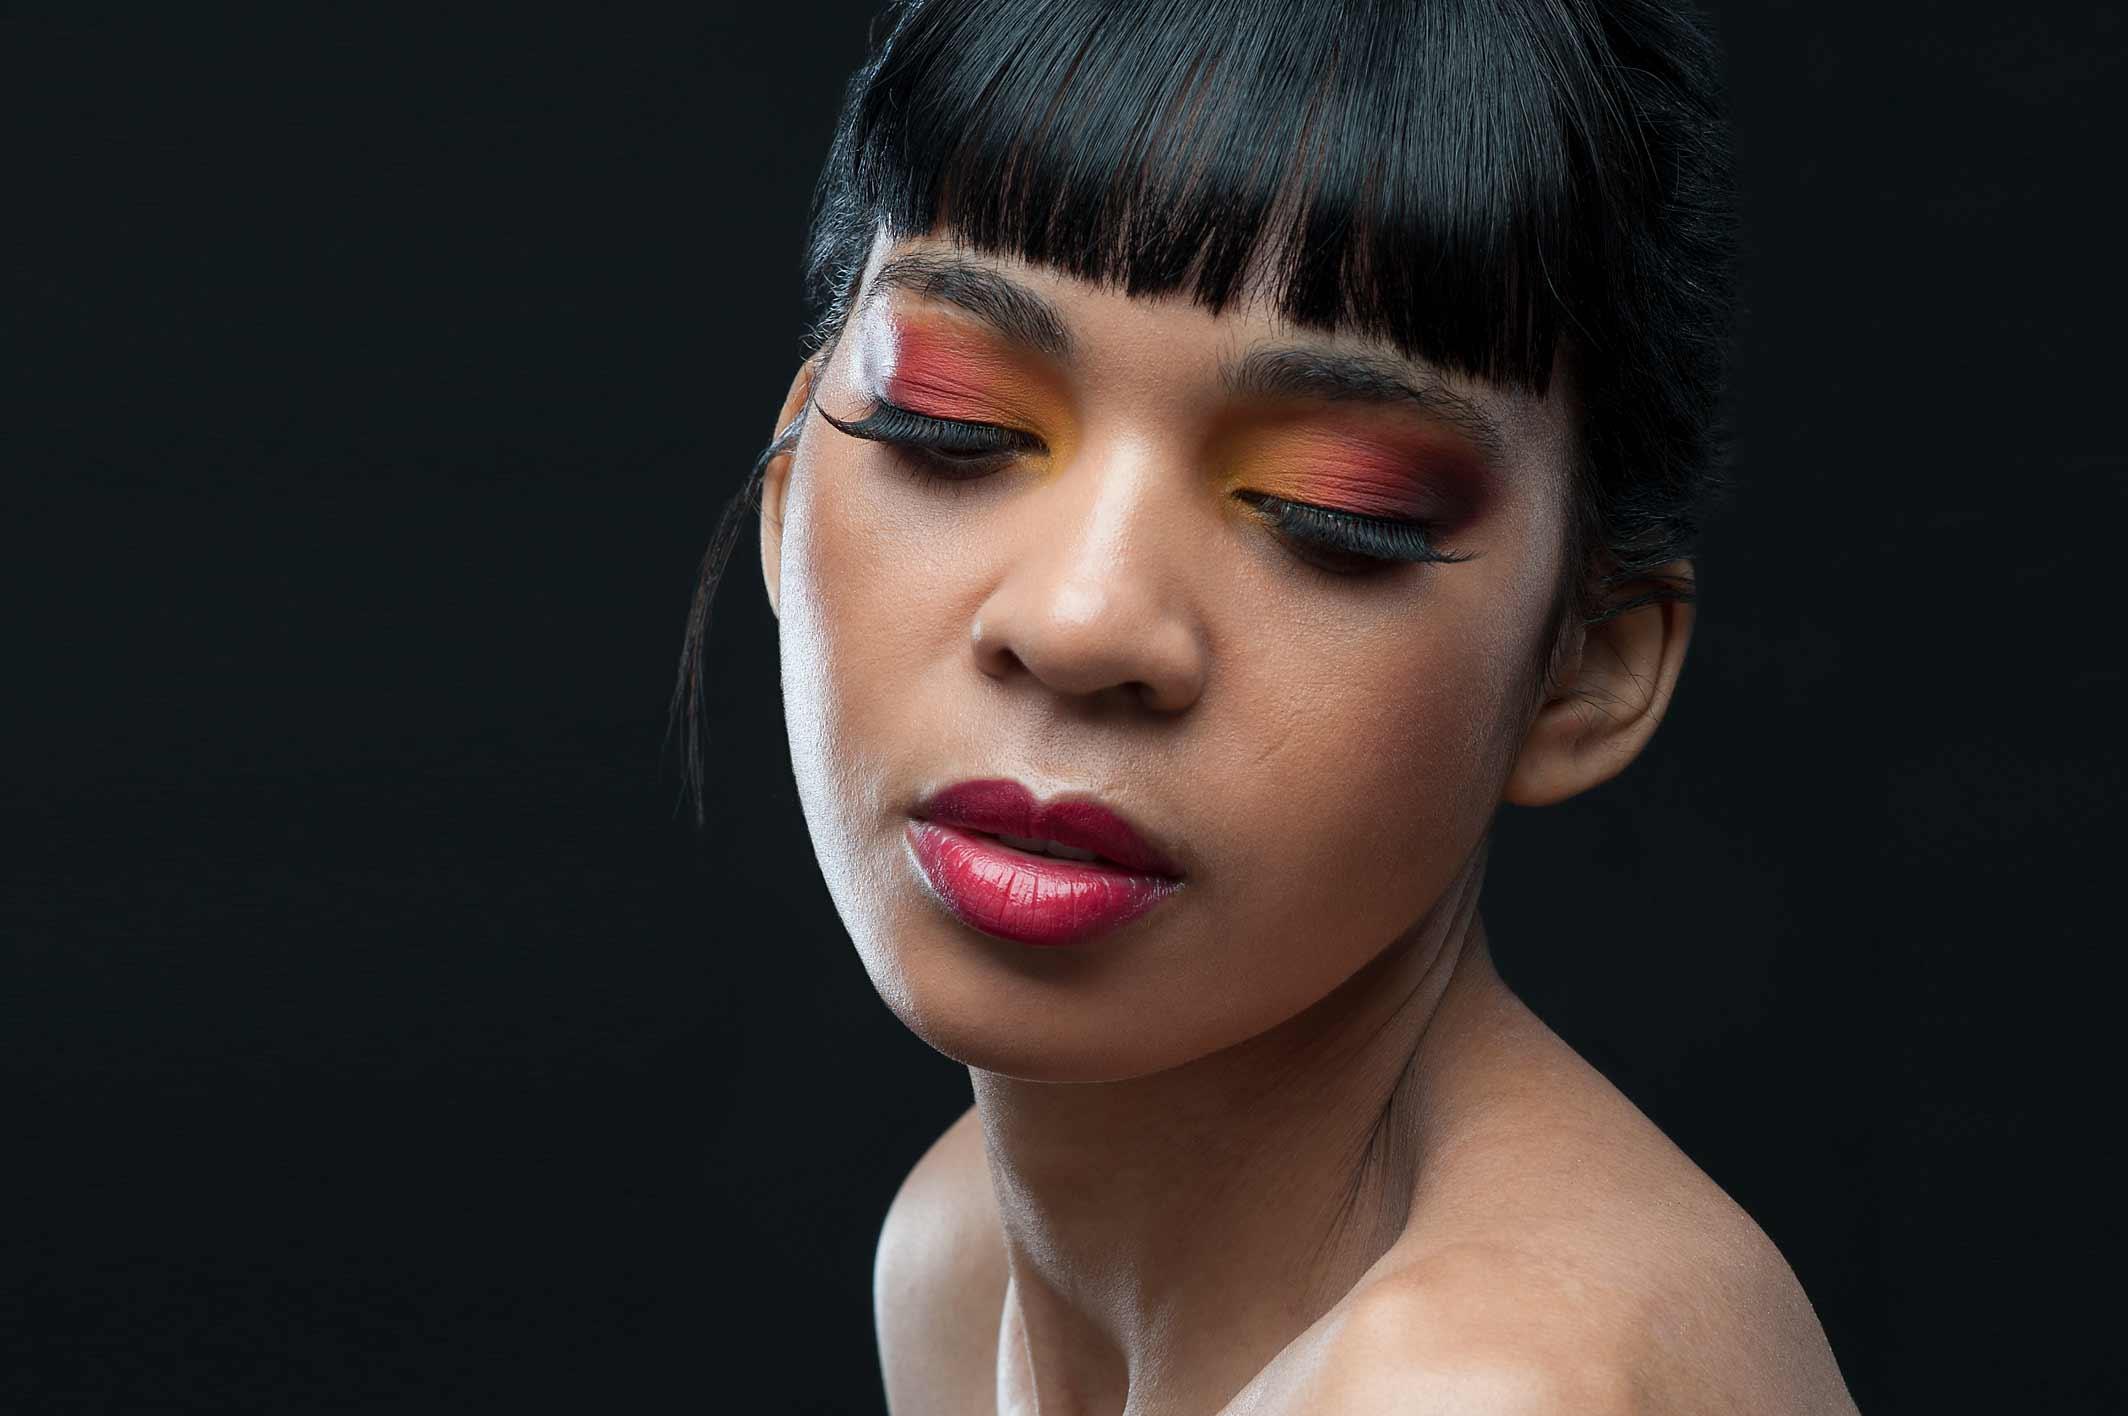 trucco fotografico make up artist studio milano viktoria ryzhkova